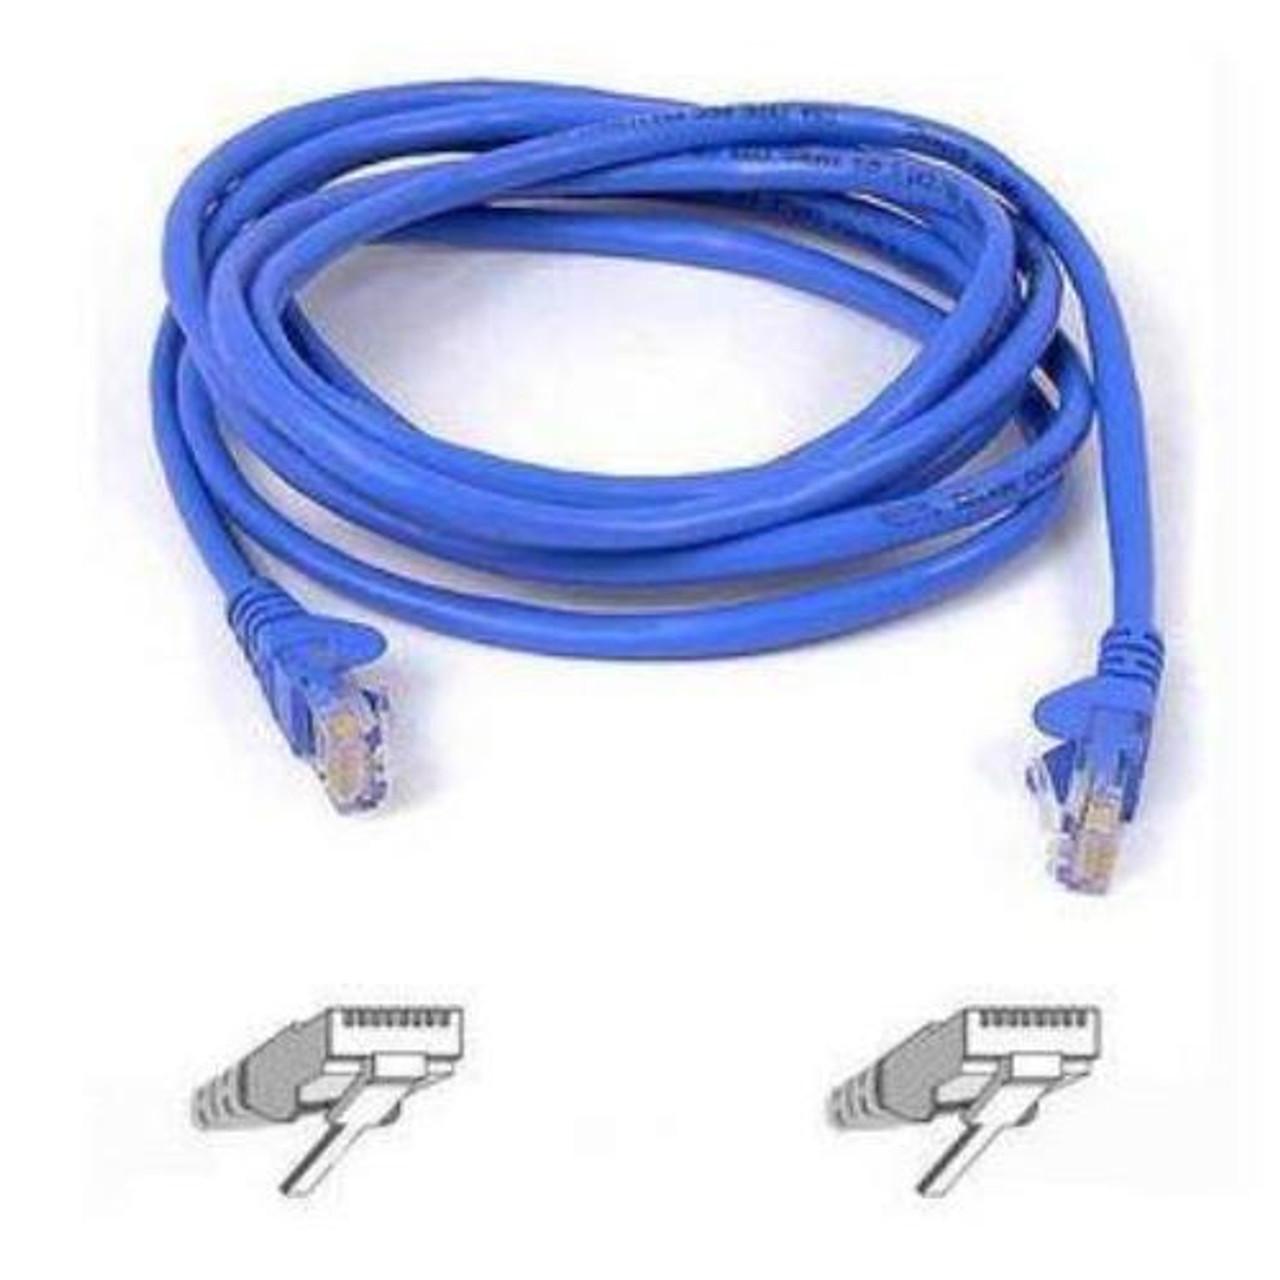 Belkin 3ft Cable Patch CAT5 UTP-4PR RJ45M BLK A3L791-03-BLK